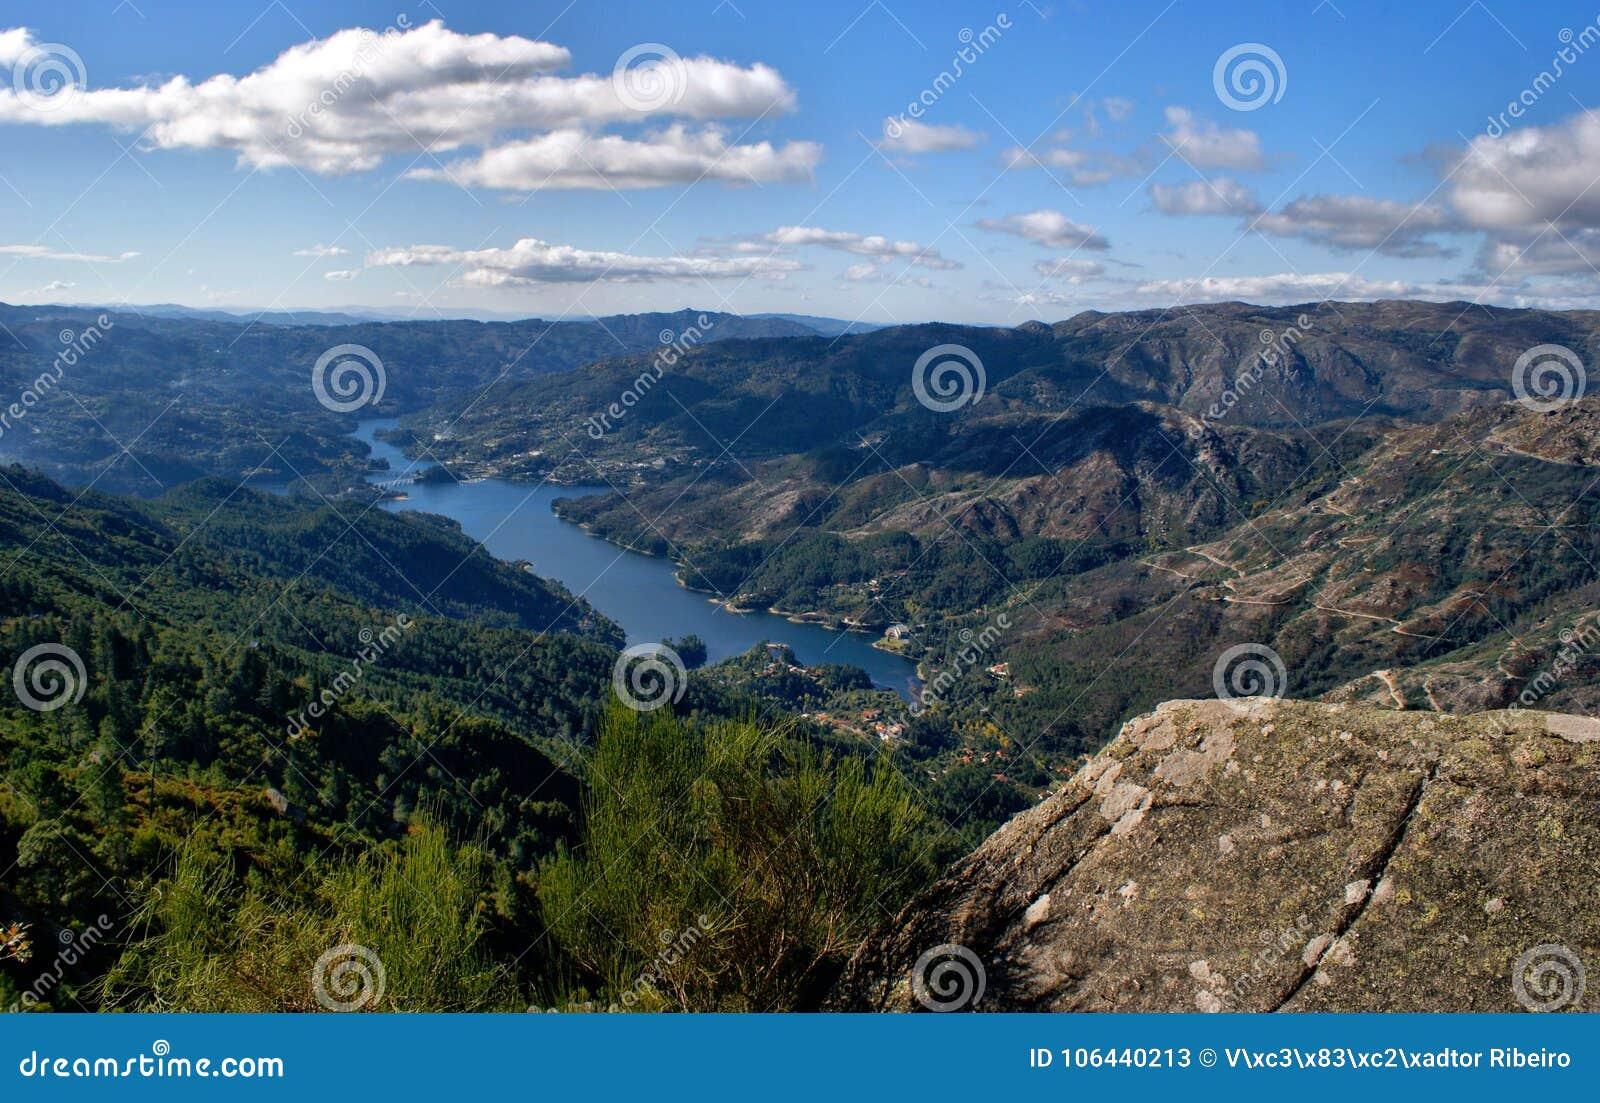 Vista scenica del parco nazionale di Peneda Geres